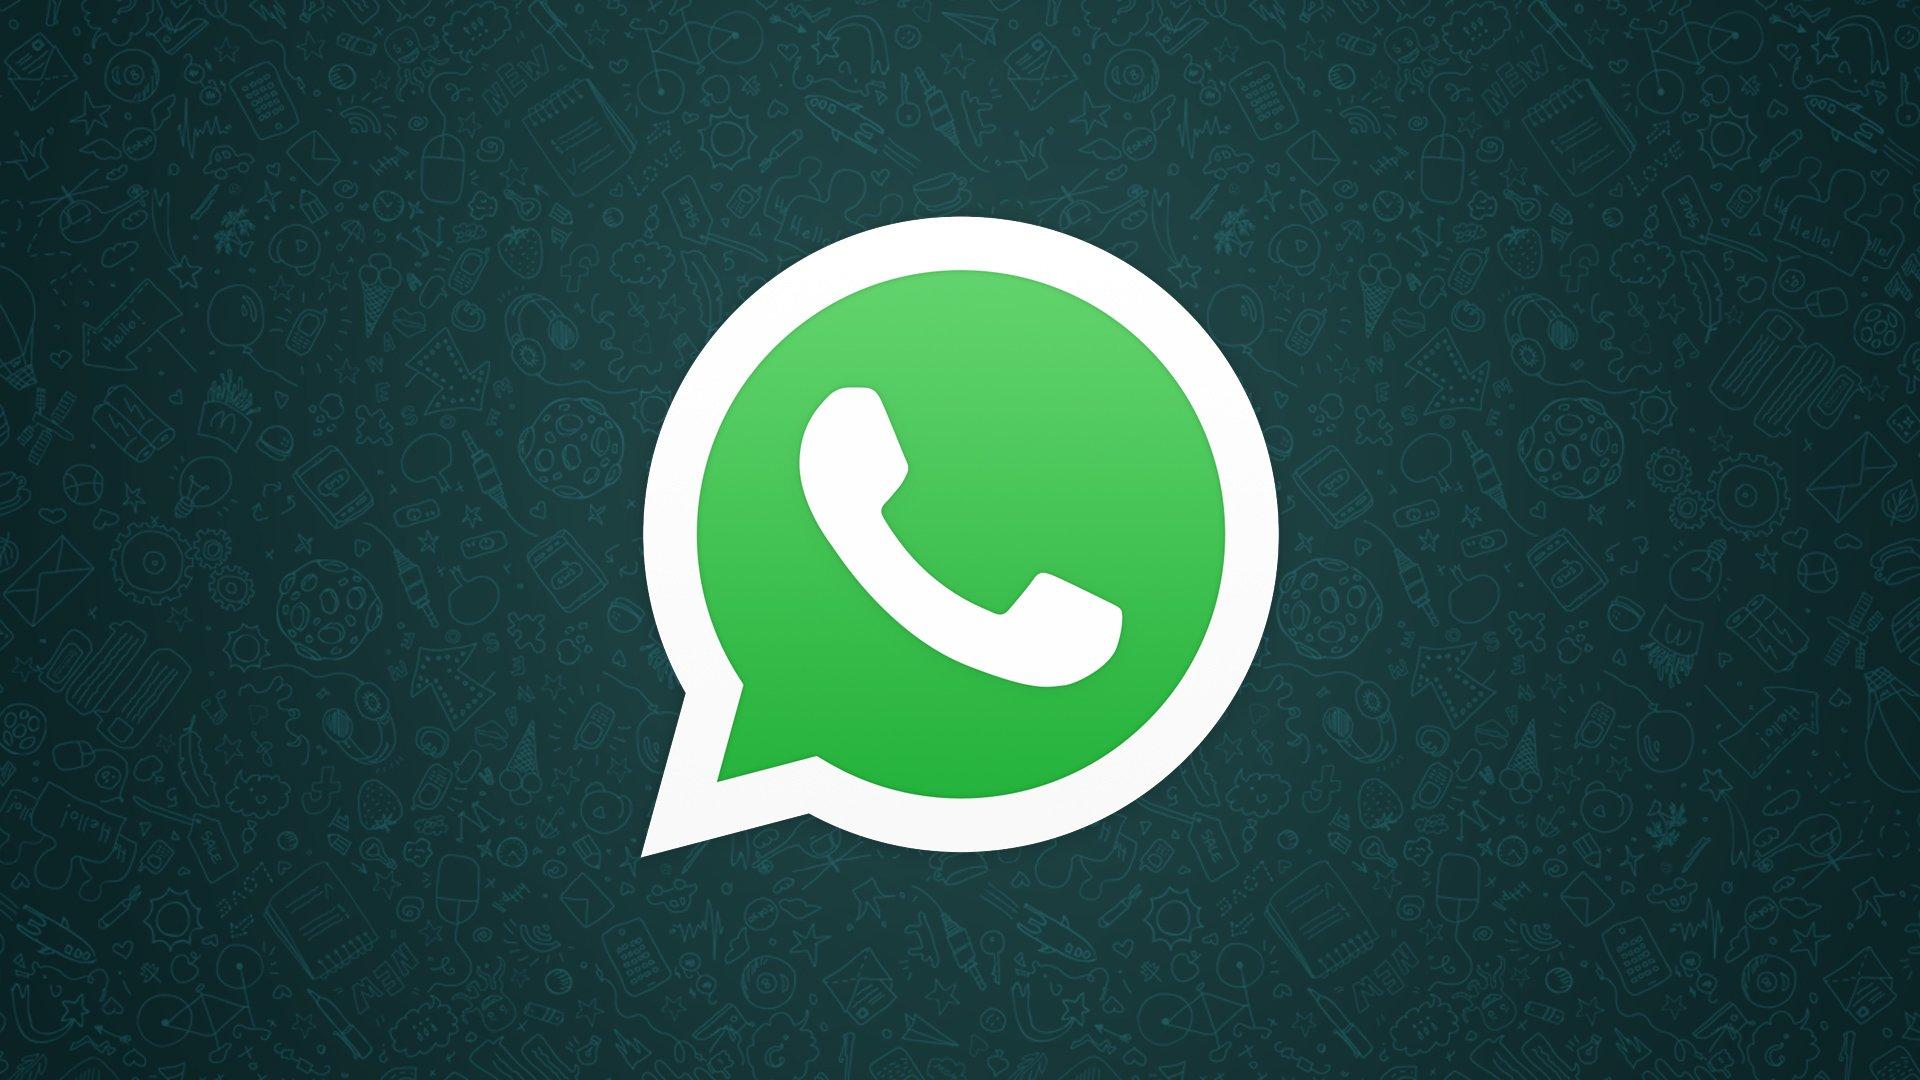 Importante: Whatsapp está encerrando o suporte a alguns aparelhos, veja quais são afetados: